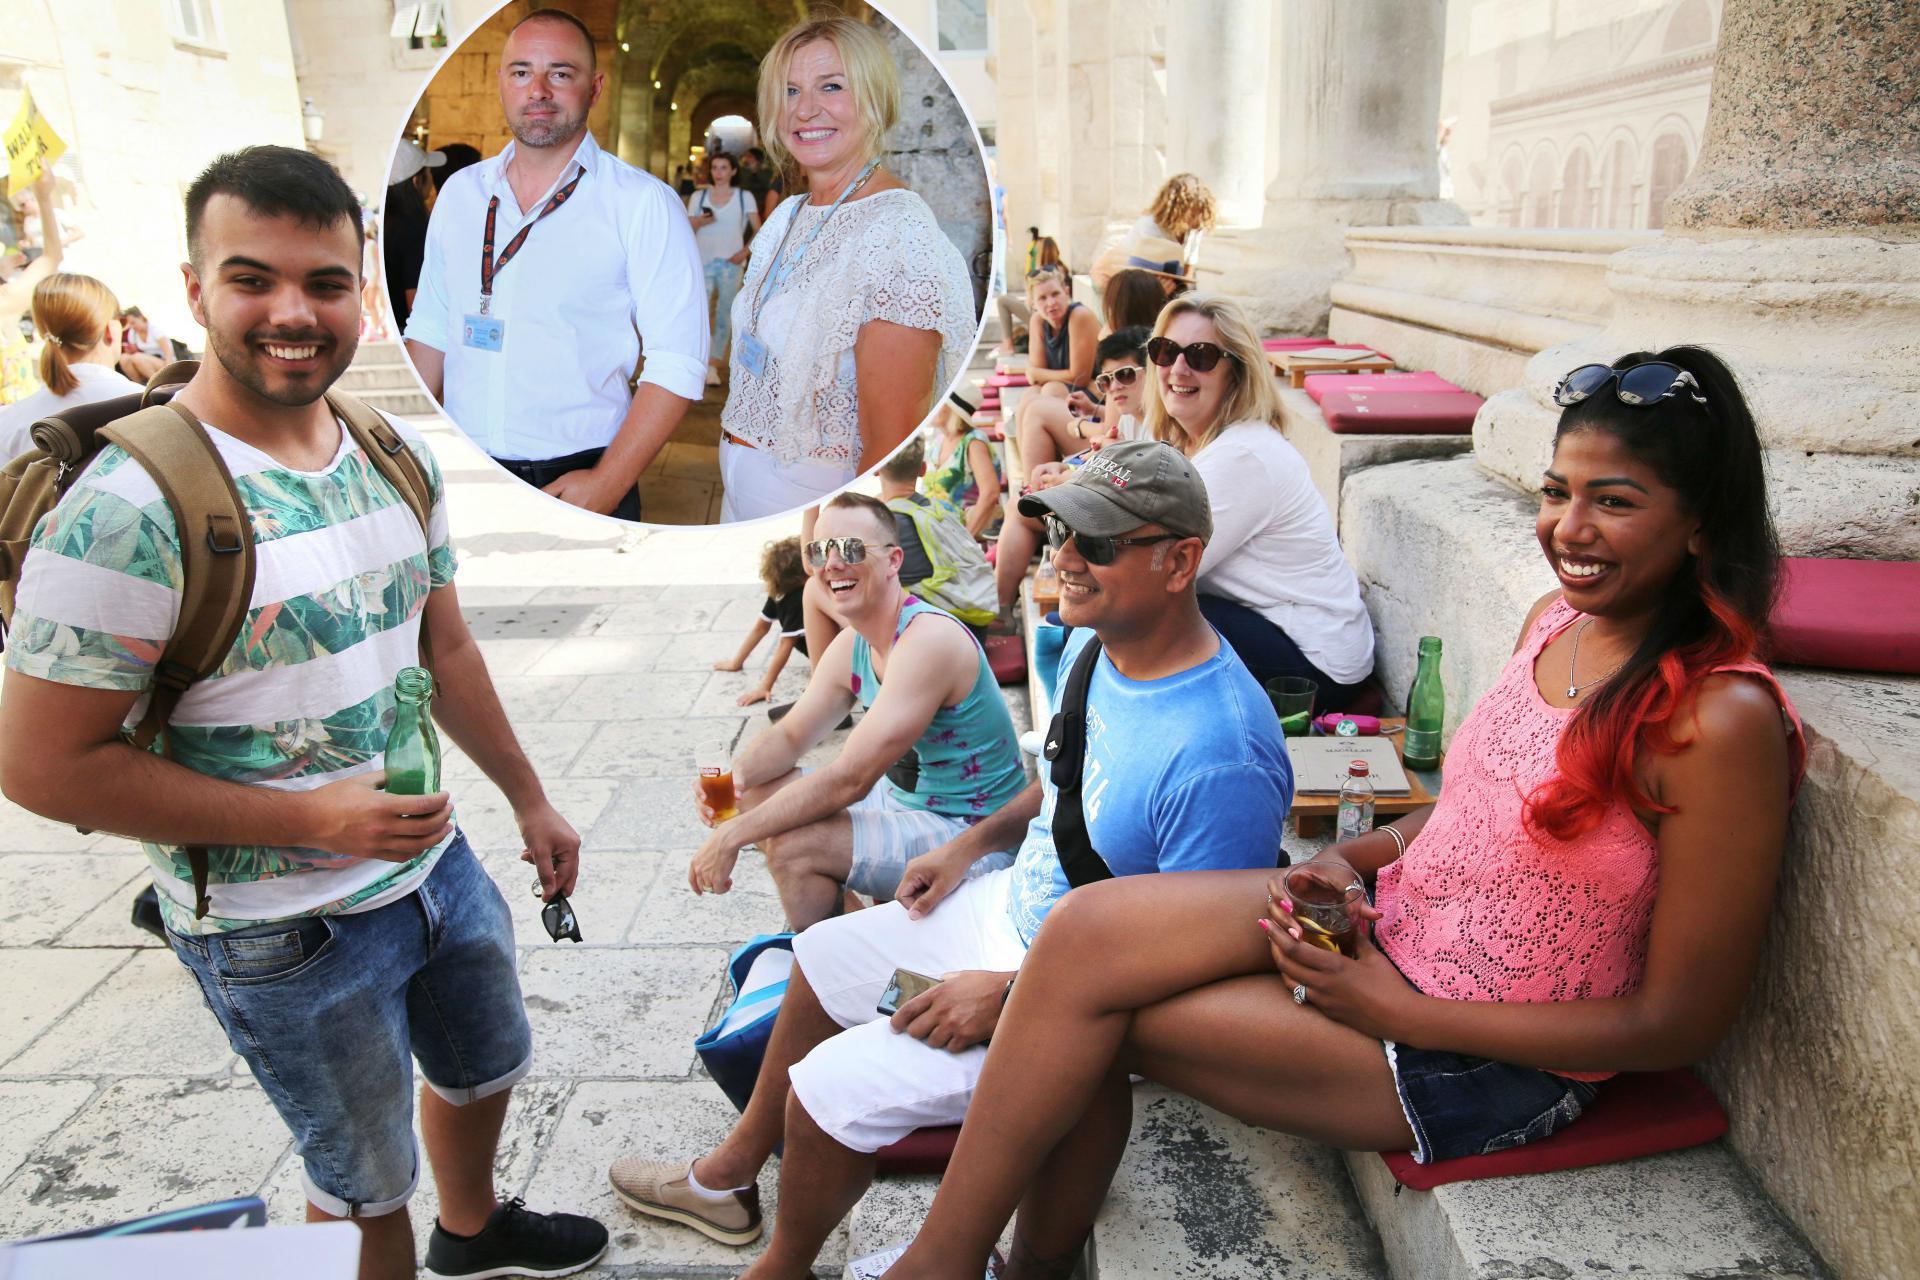 Turistički vodiči Frane Vuka i Anita Birimiša i gosti na Peristilu